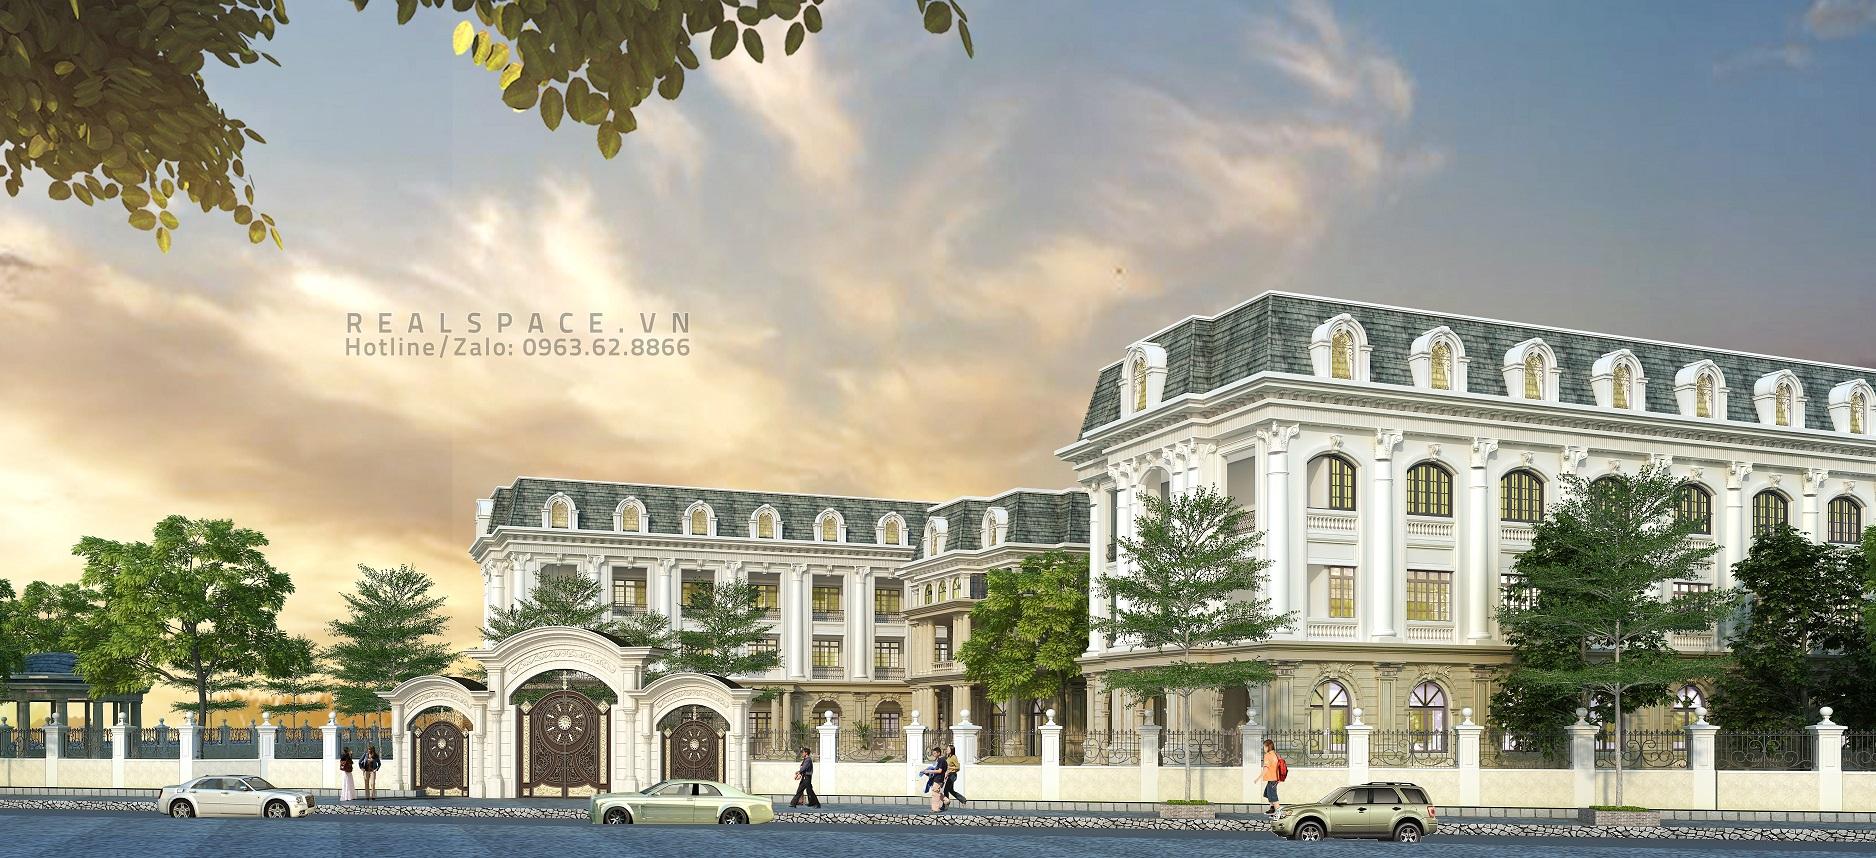 Thiết kế trường học liên cấp khu Trung Yên